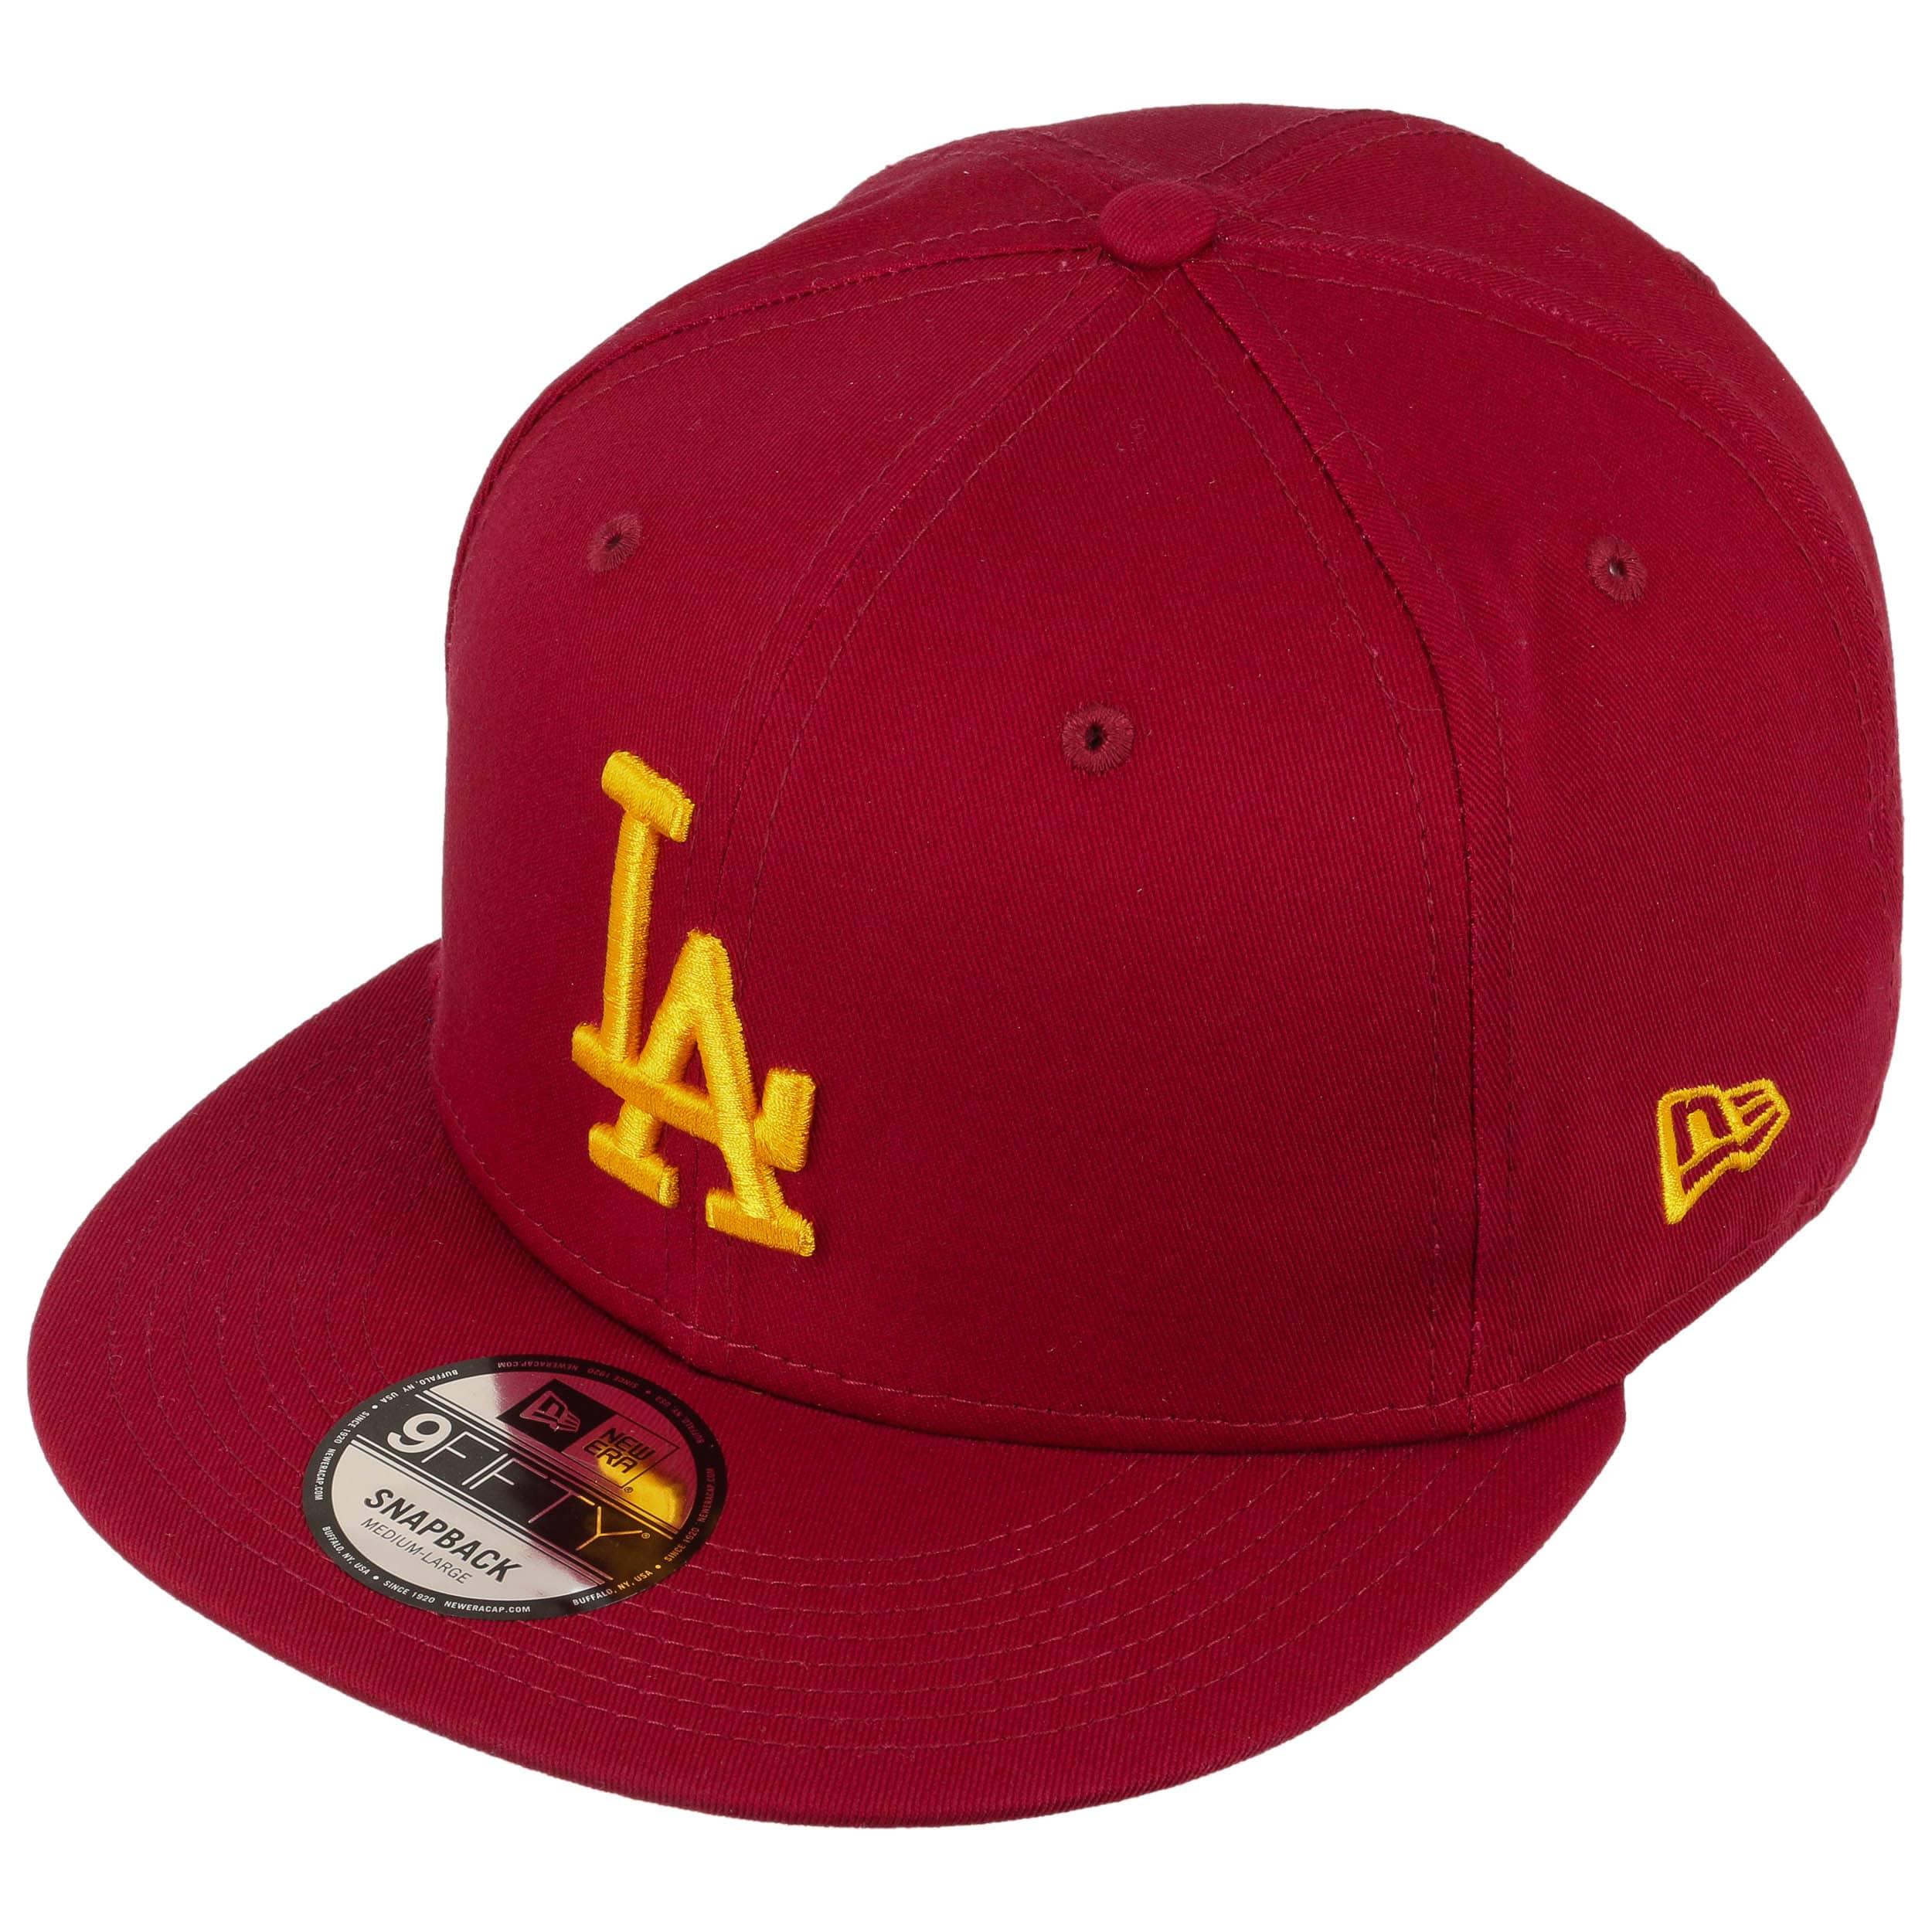 Cappellino 9Fifty League LA Dodgers by New Era - rosso bordeaux 1 ... 54b25c8040d8